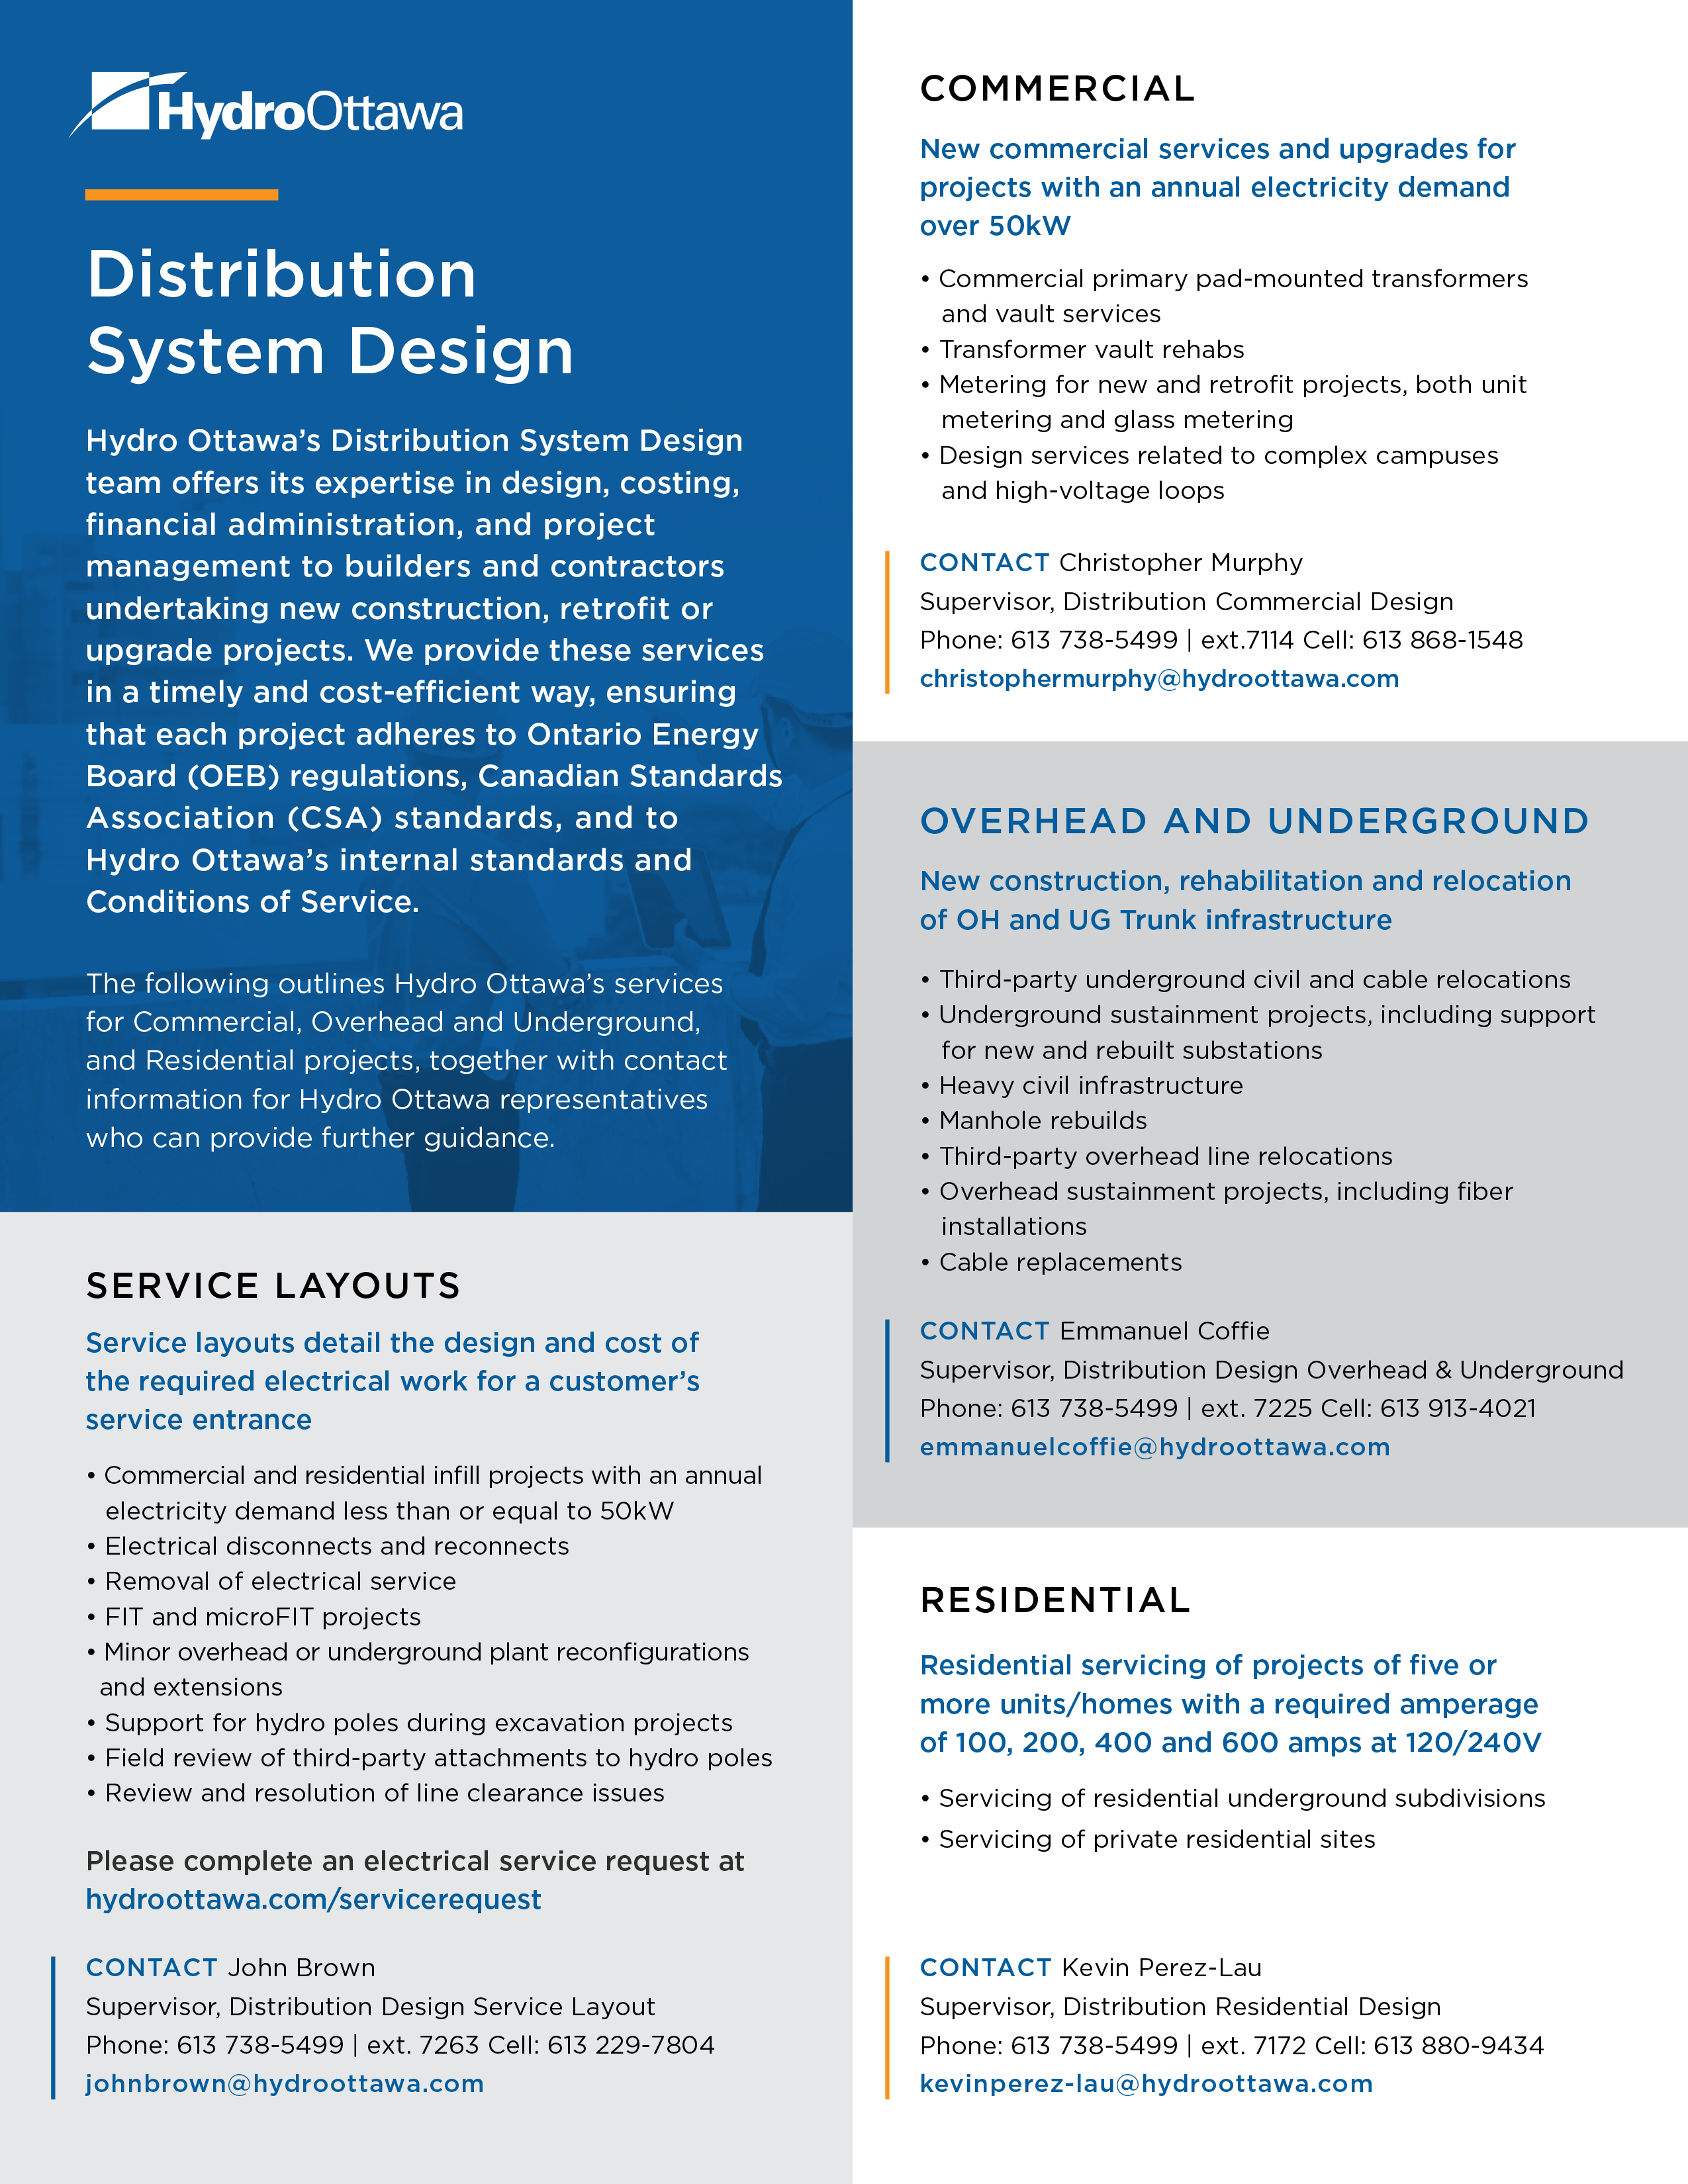 Distribution System Design